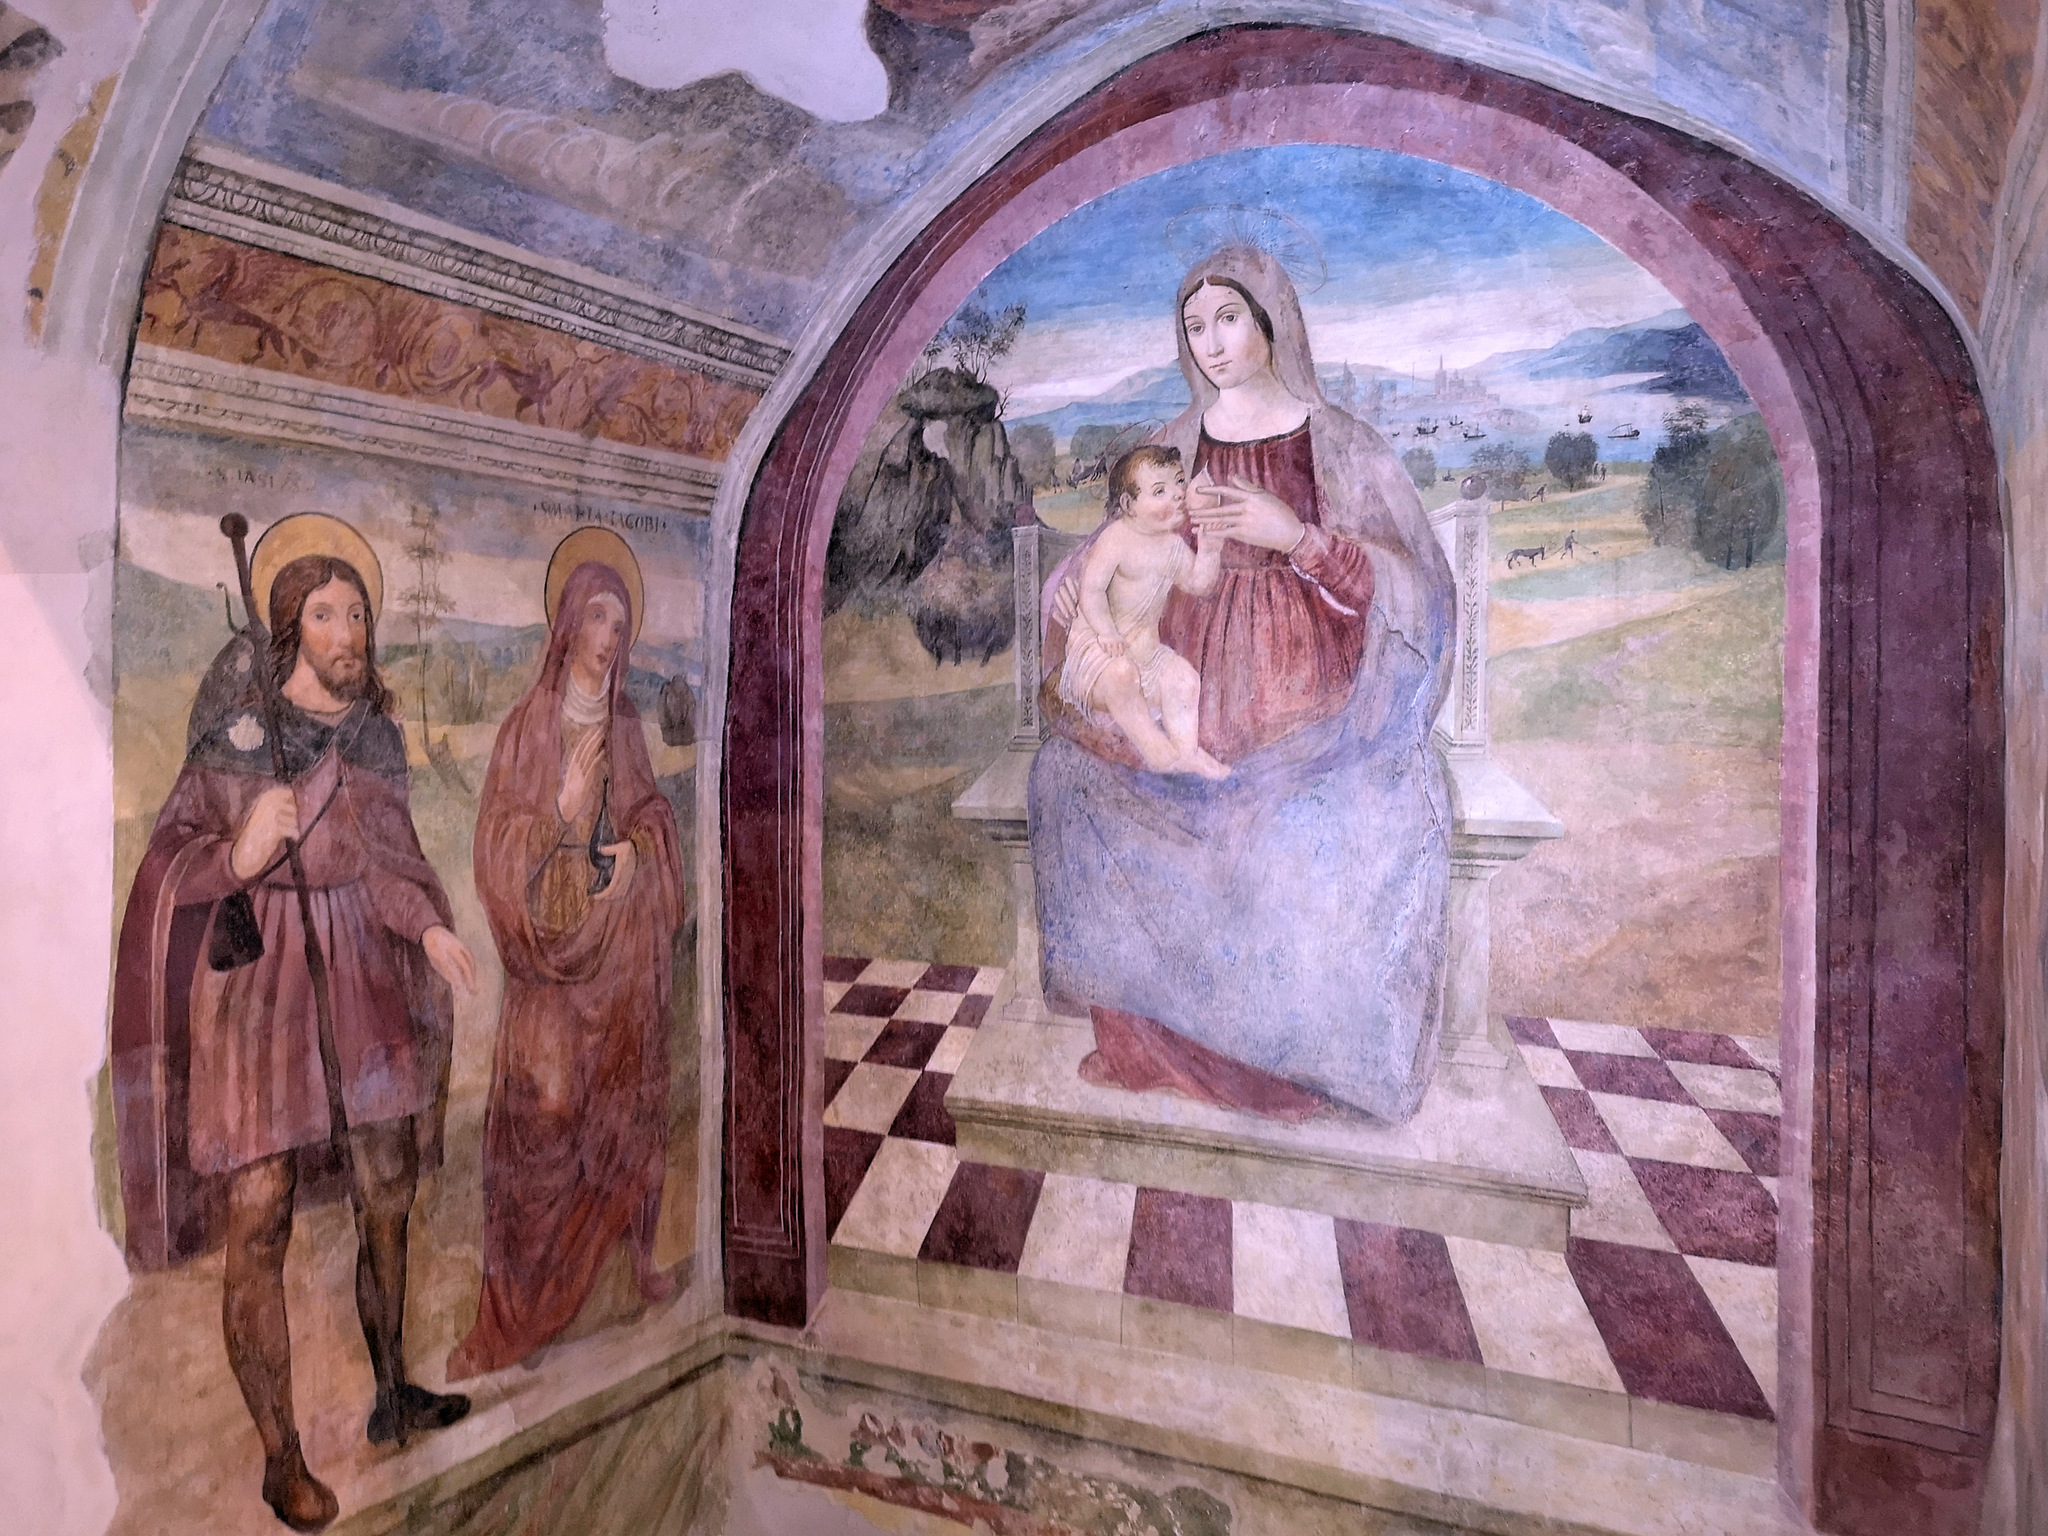 Cona di San Mauro - Madonna del latte by Pietro Scerrato